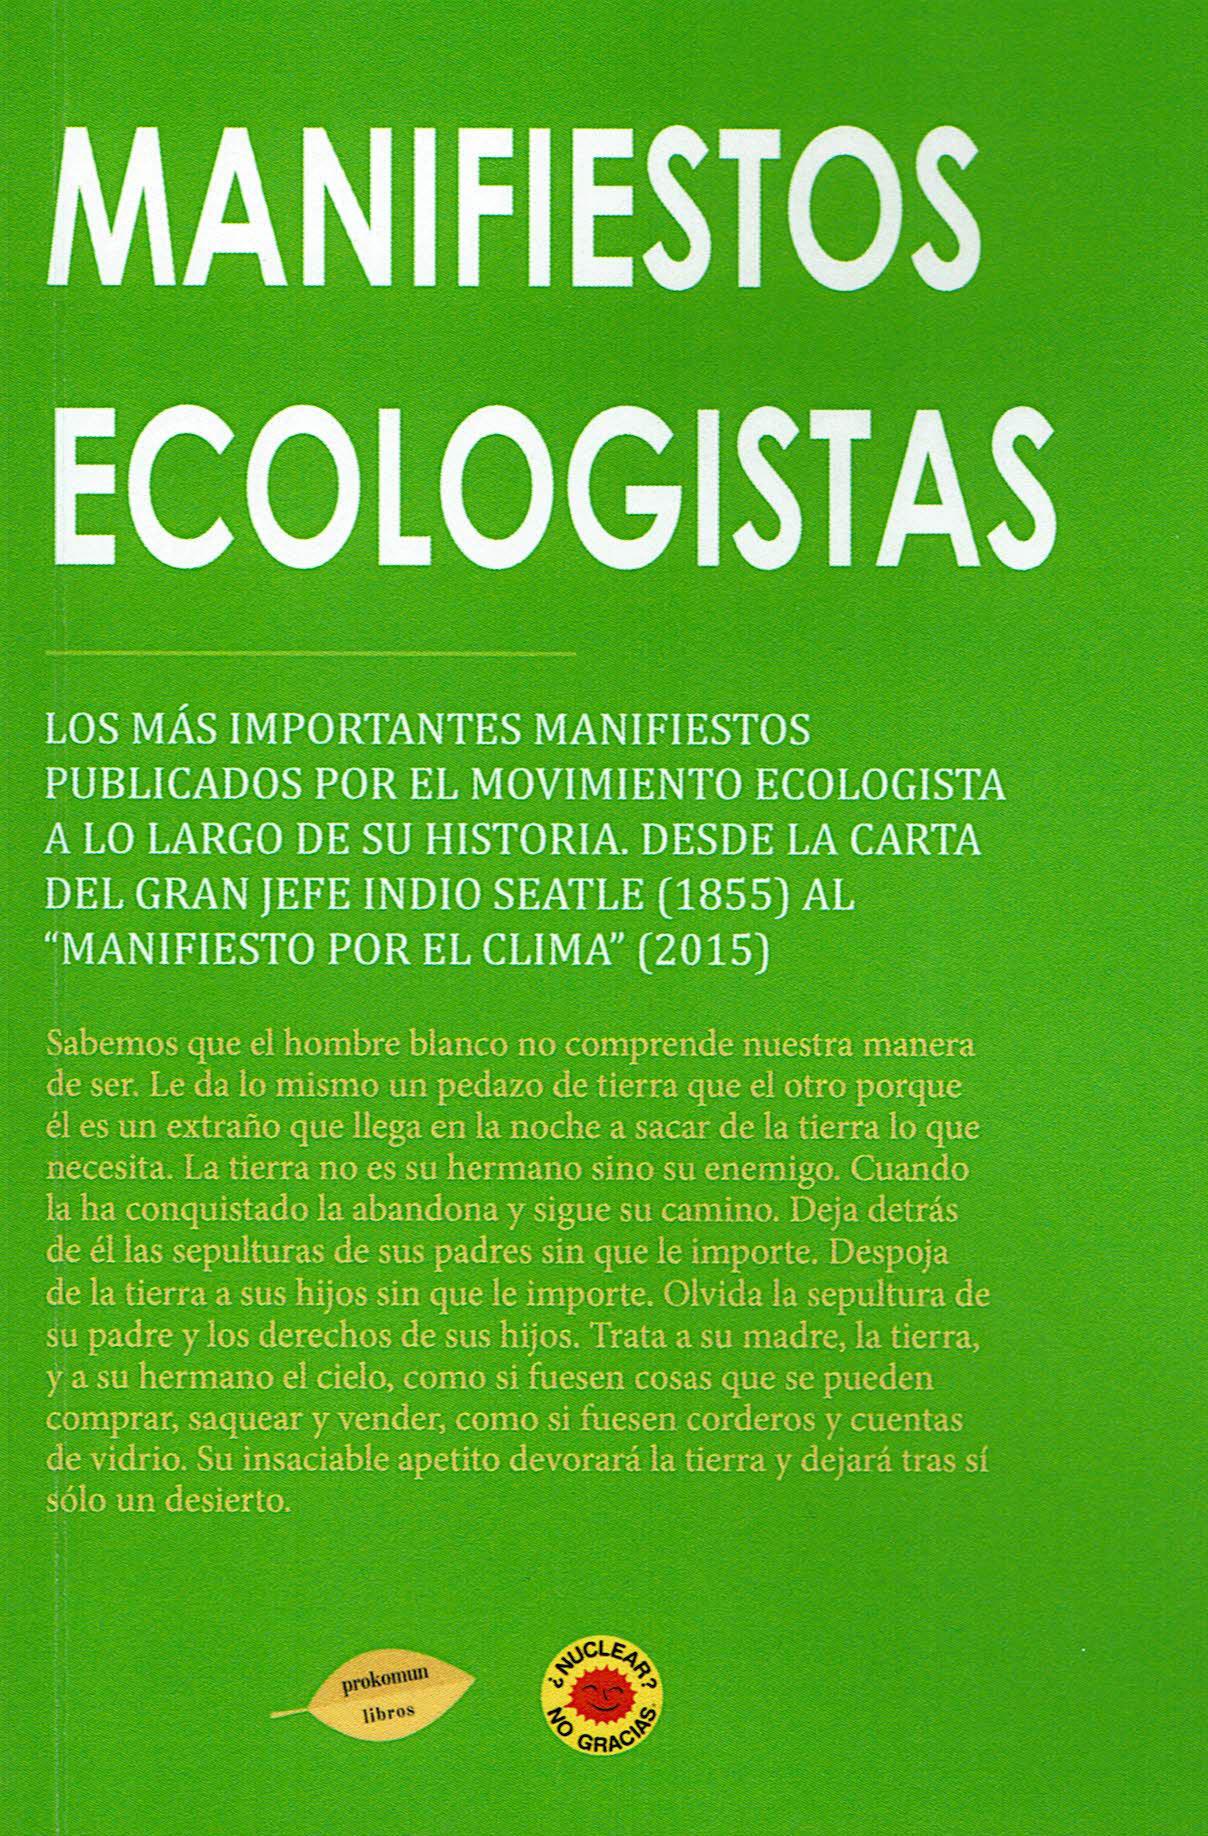 Manifiestos Ecologistas por Vv.aa.